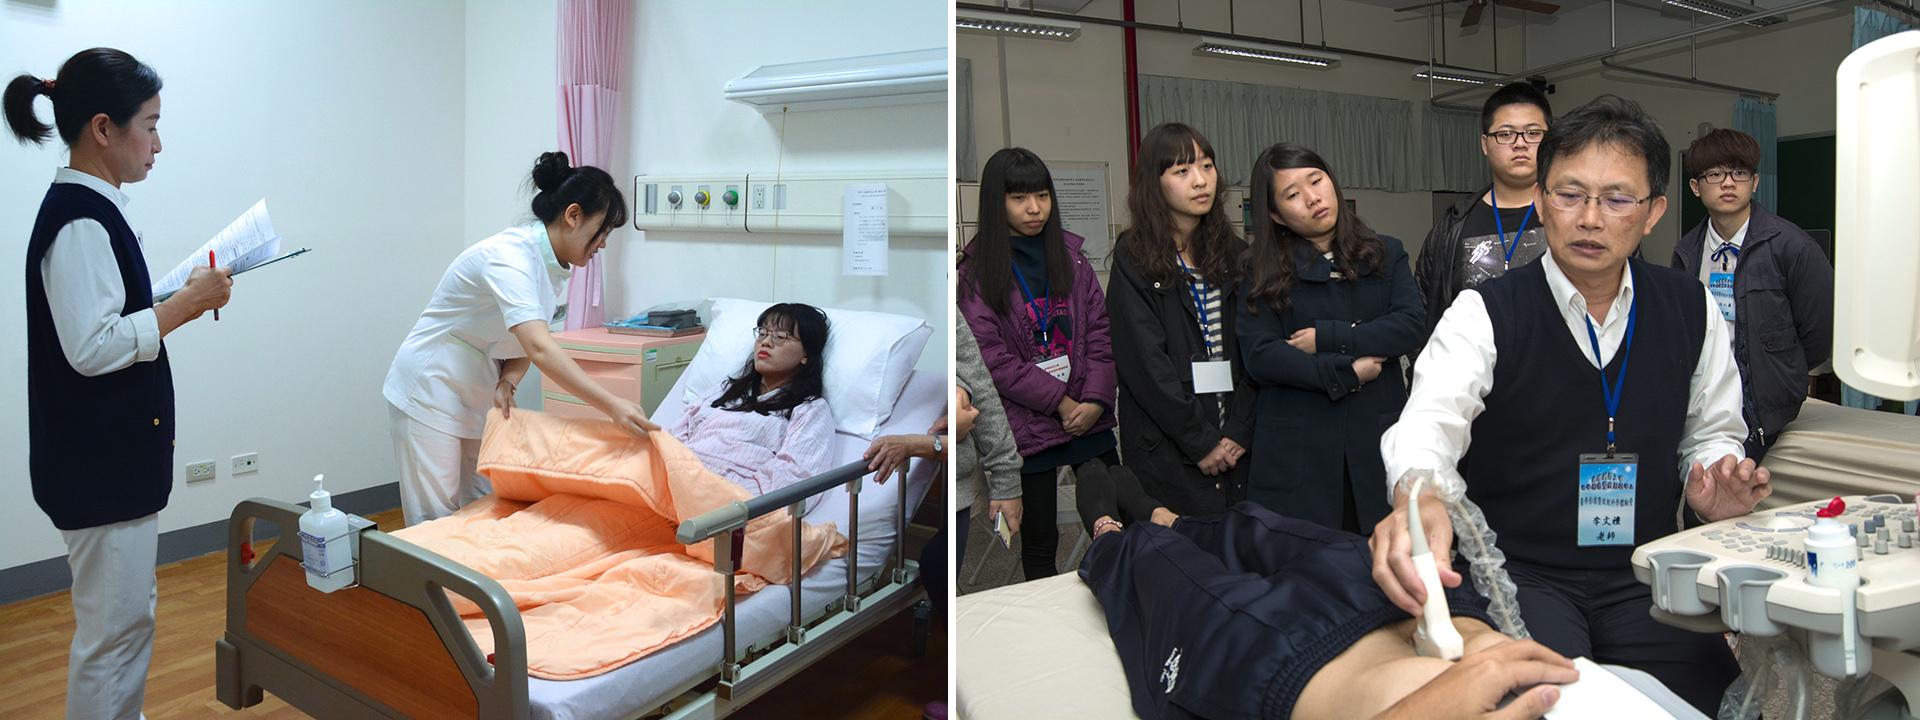 (左圖)護理系的OSCE臨床情境技能中心。(右圖)醫學影像暨放射科學系的超音波專業設備。